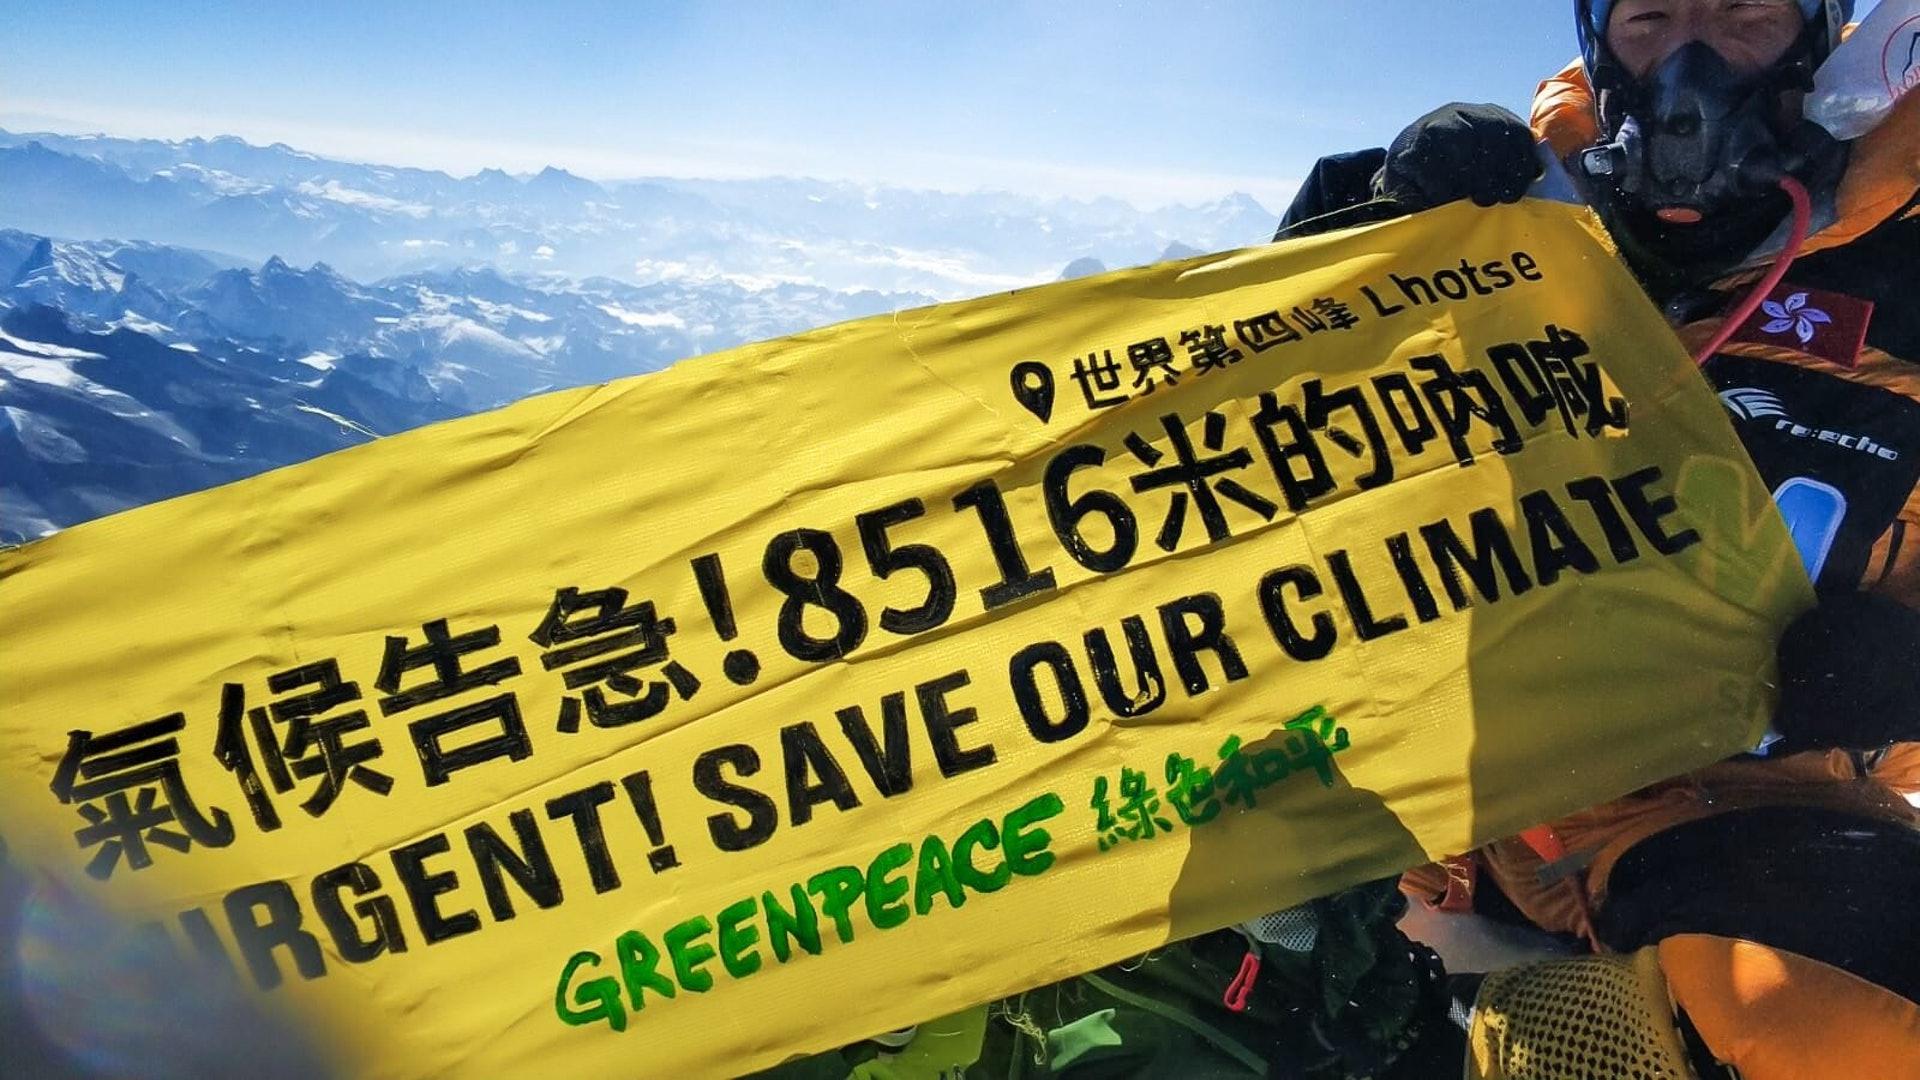 高海拔登山運動員黃偉建,於尼泊爾時間5月21日上午7時45分,成功登上海拔8,516米、世界第四高的洛子峰,成為首位登頂港人。(受訪者提供)